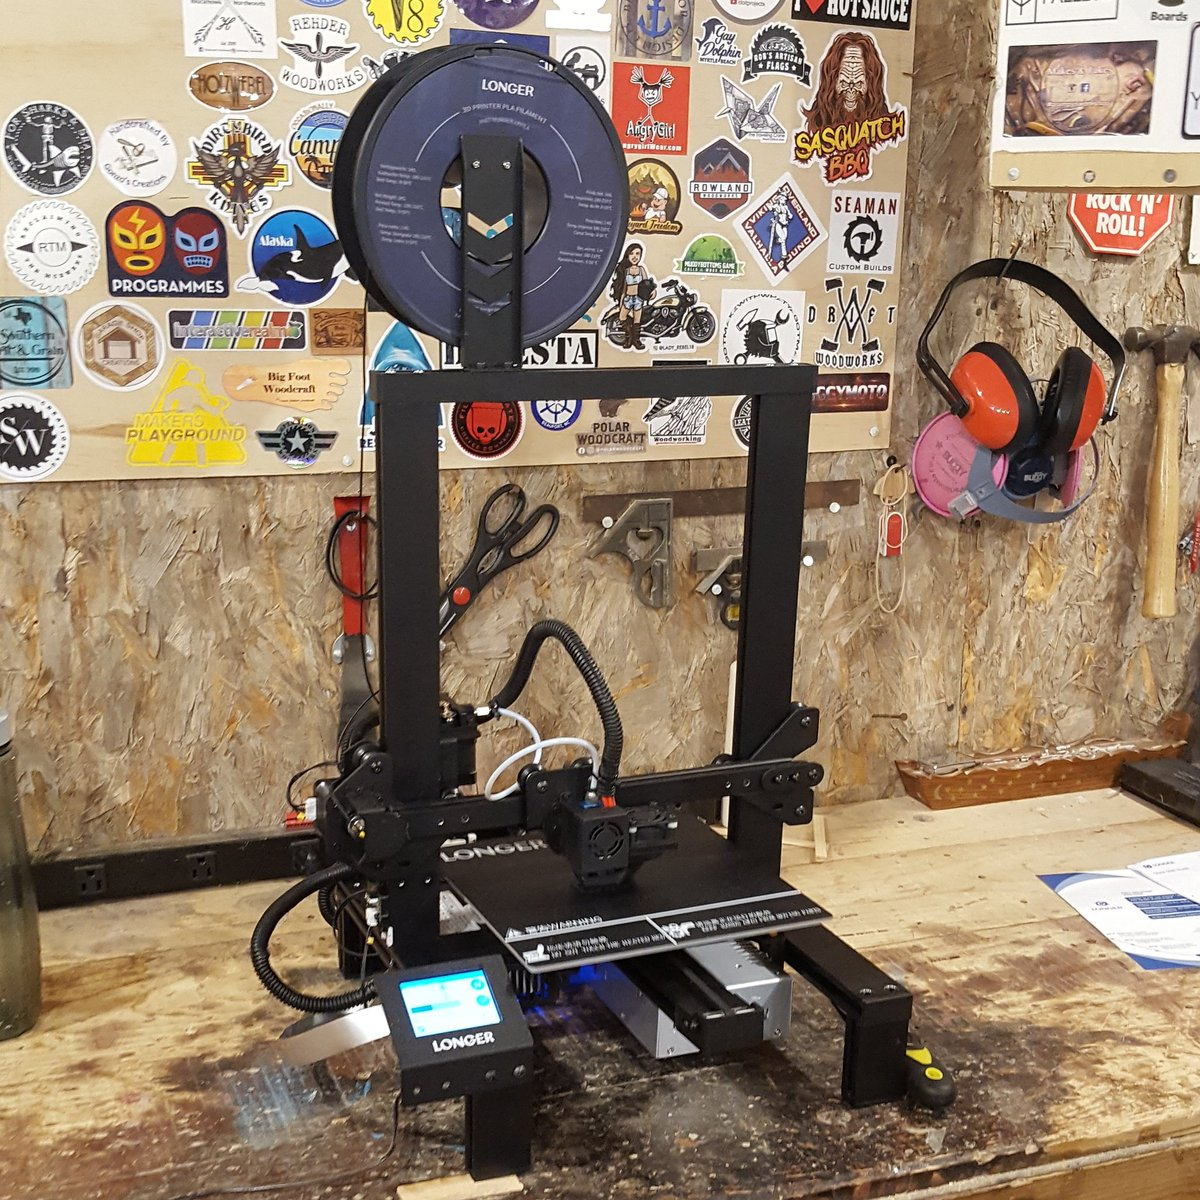 #ArtisanPirate #artisan #pirate #maker #mentor #artist #woodworker #entrepreneur #follow #craftsman #stickerswap #3d #3dprinting #3dprint #longer3dprinter #technology #techno #techie #futuristic #diy #handmade #print #printer #stepup #learn #teach #GodBless #GodIsGood #Blessedpic.twitter.com/4wwoPMxNTl